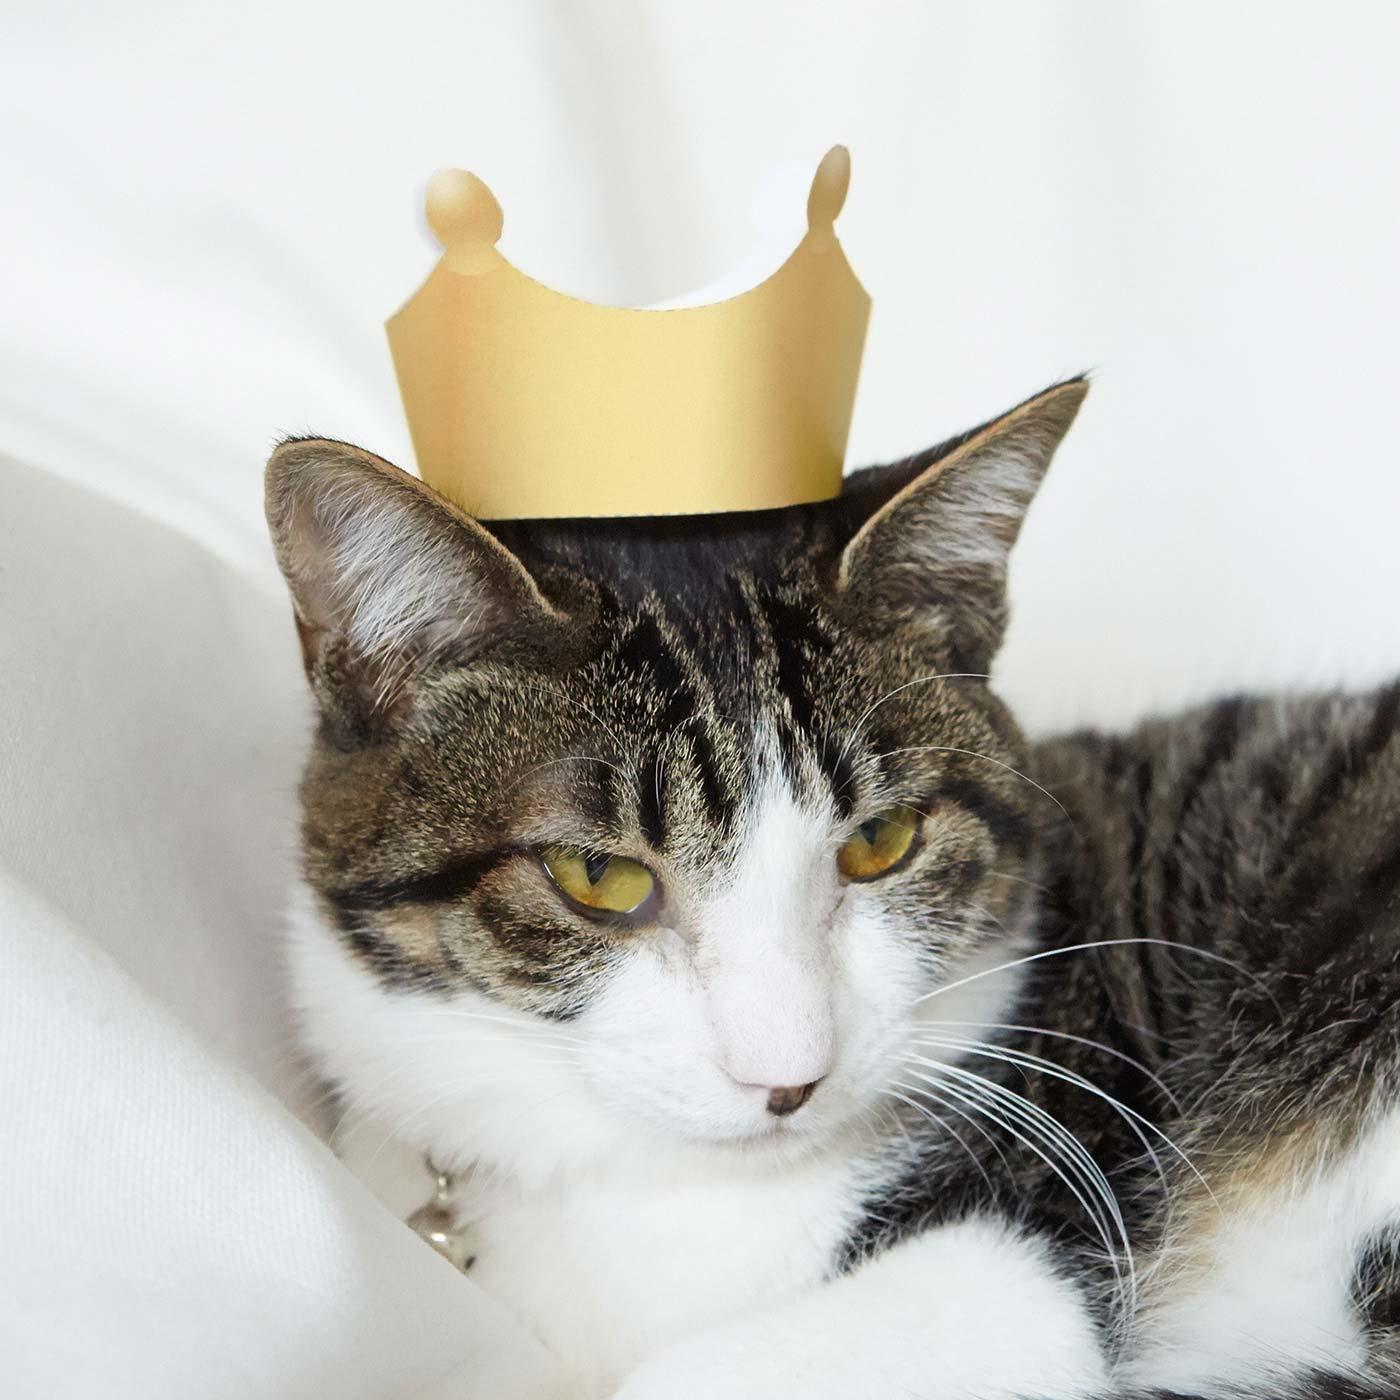 にゃんこと遊べる三種の神器付き! 1. 王冠 てんてん 約2.5kg